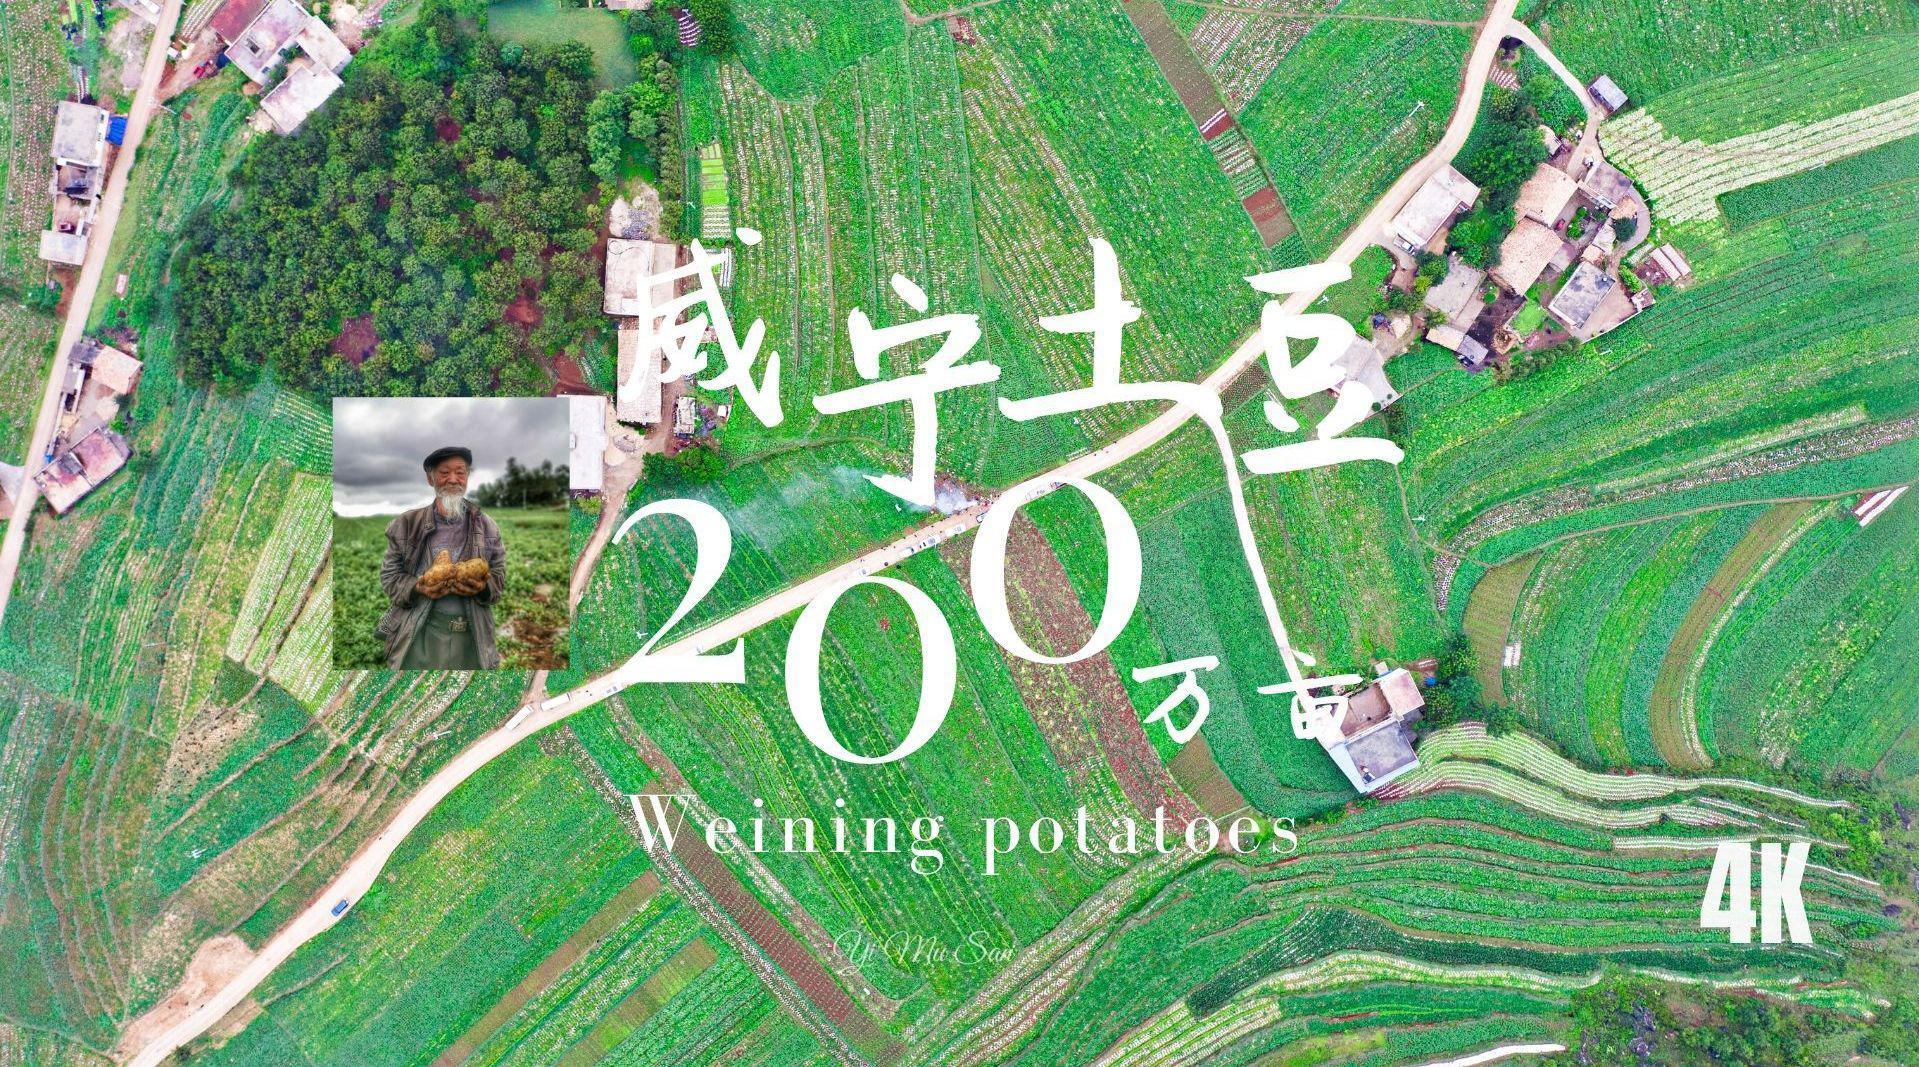 威宁彝族回族苗族自治县是最后一批国家级贫困县……